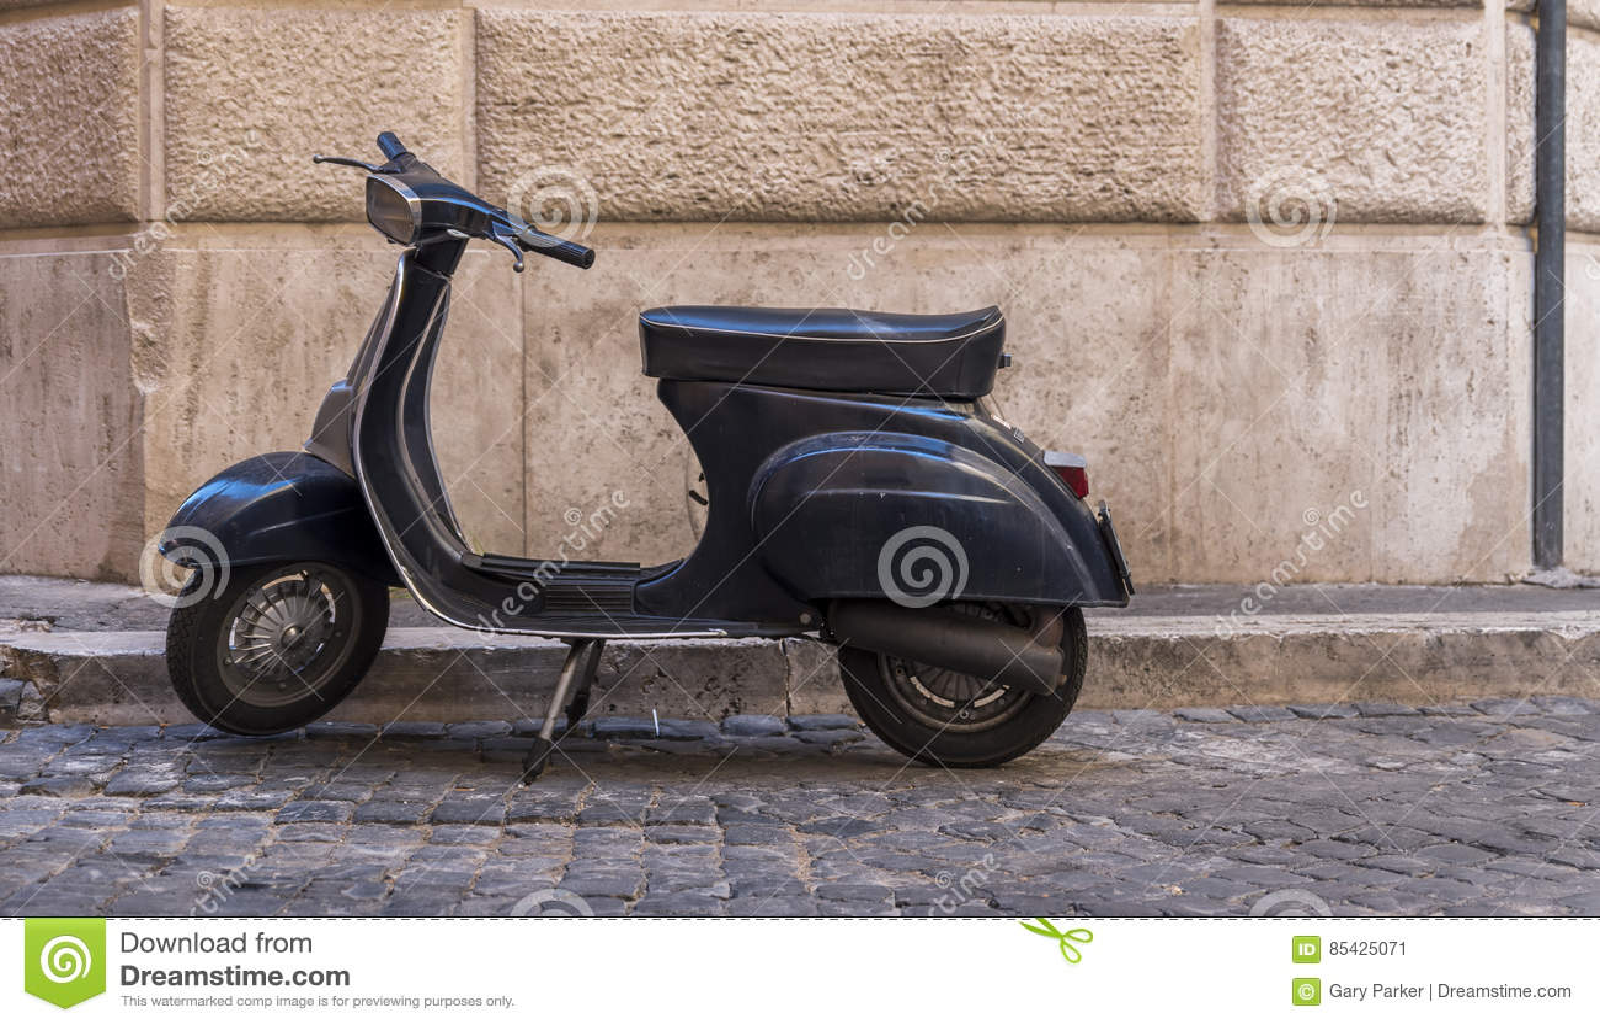 Άποψη του εκλεκτής ποιότητας μηχανικού δίκυκλου ενάντια στον παλαιό τοίχο στη Ρώμη